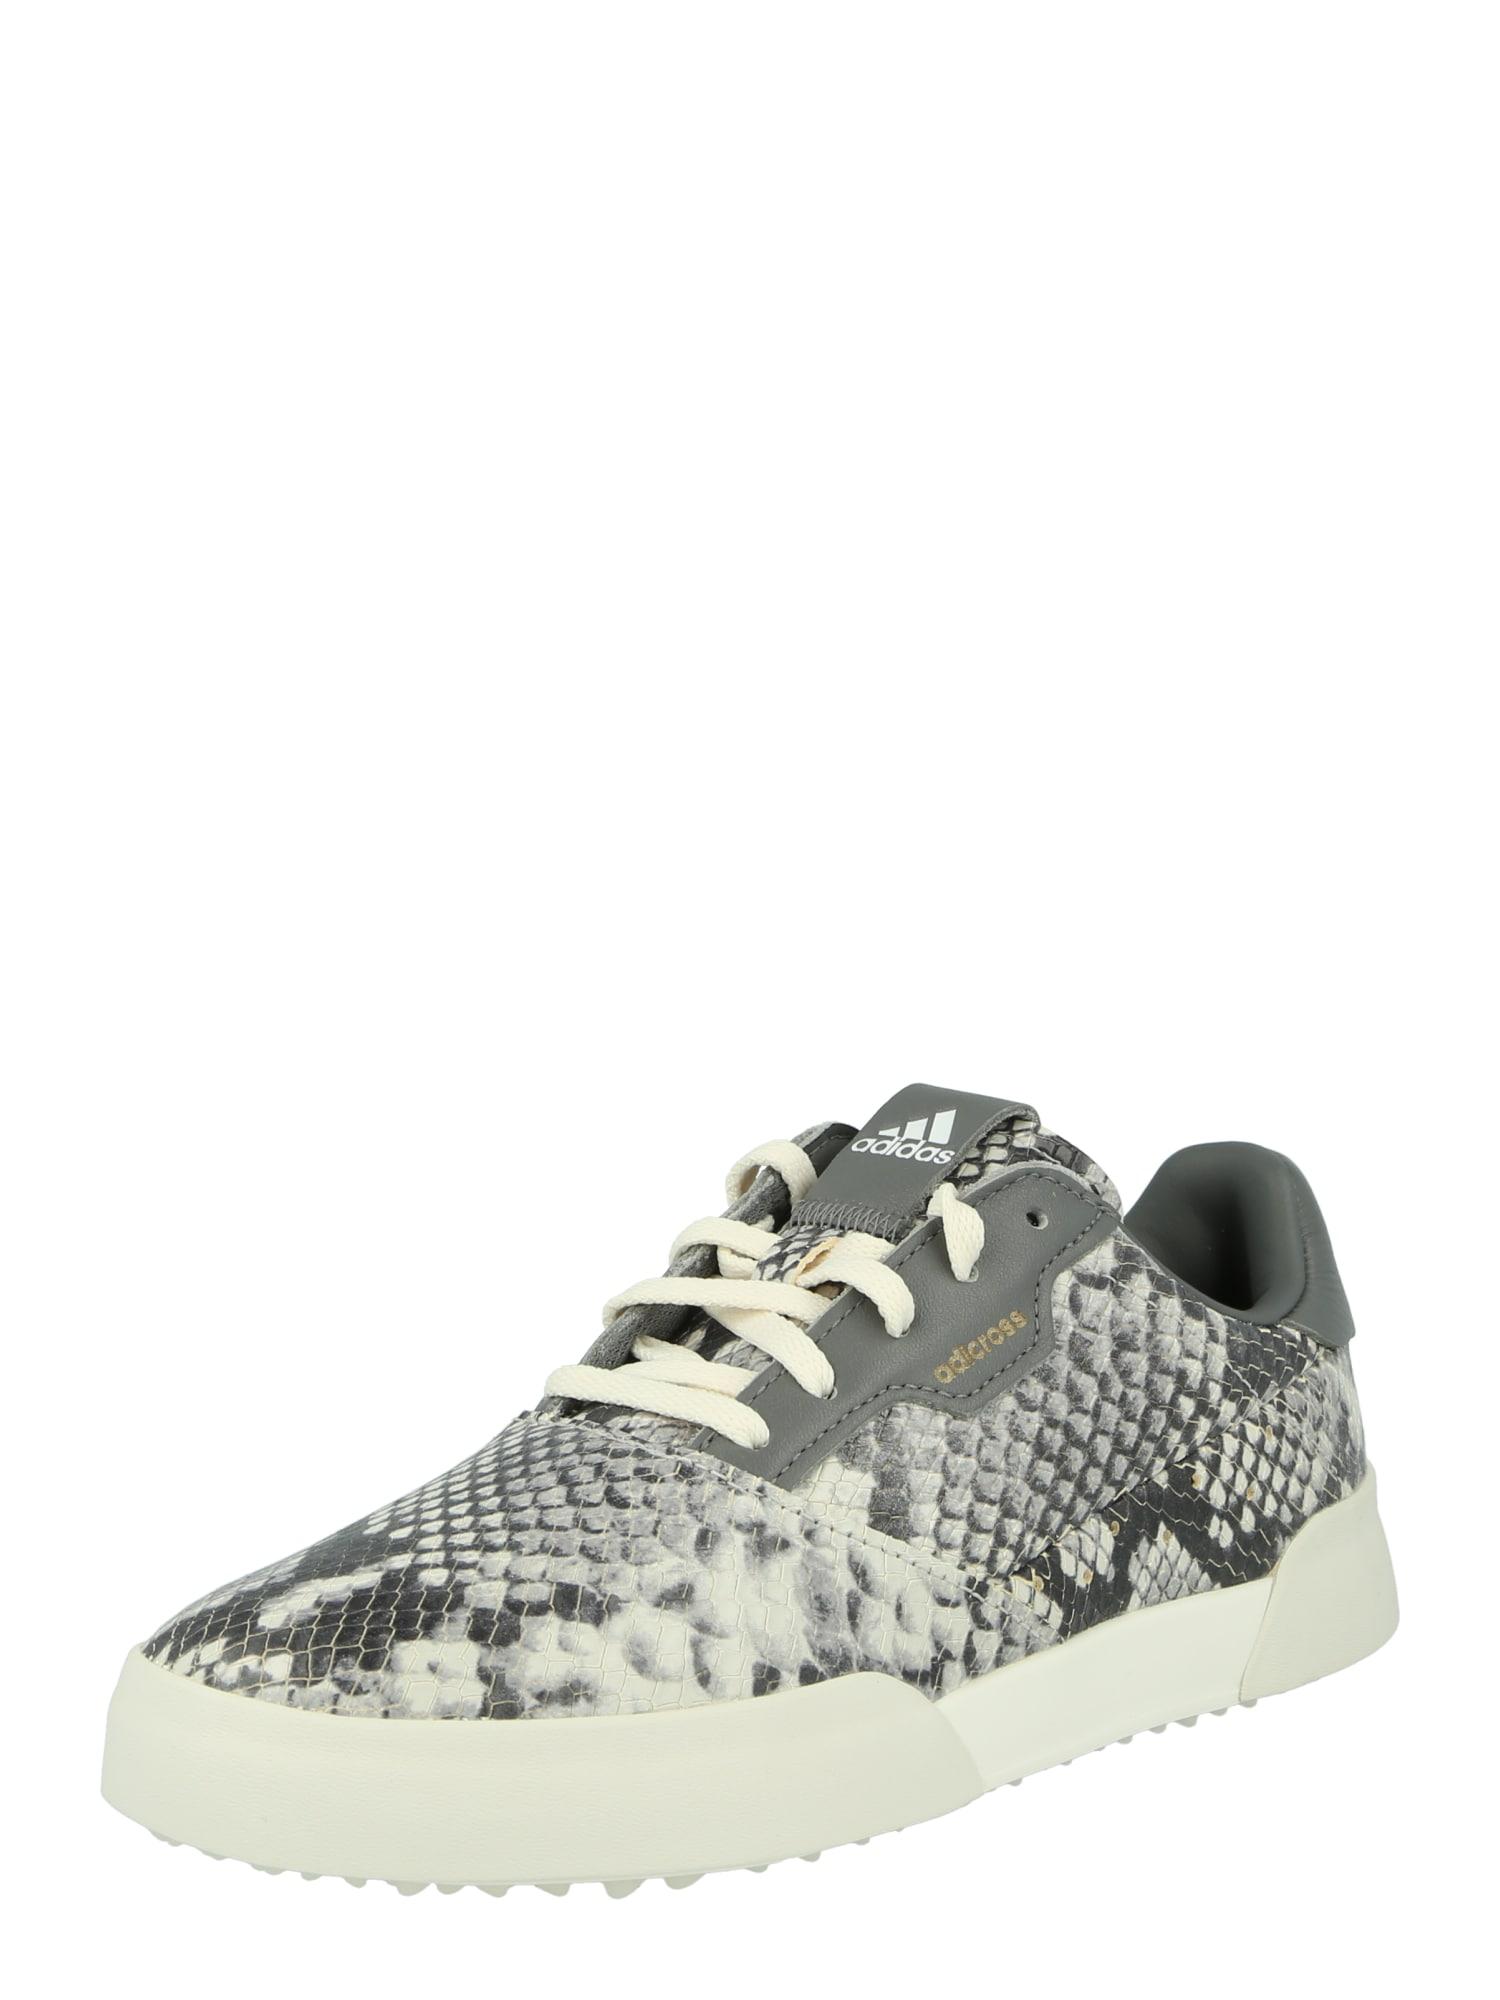 adidas Golf Sportiniai batai 'Retro' balta / pilka / tamsiai pilka